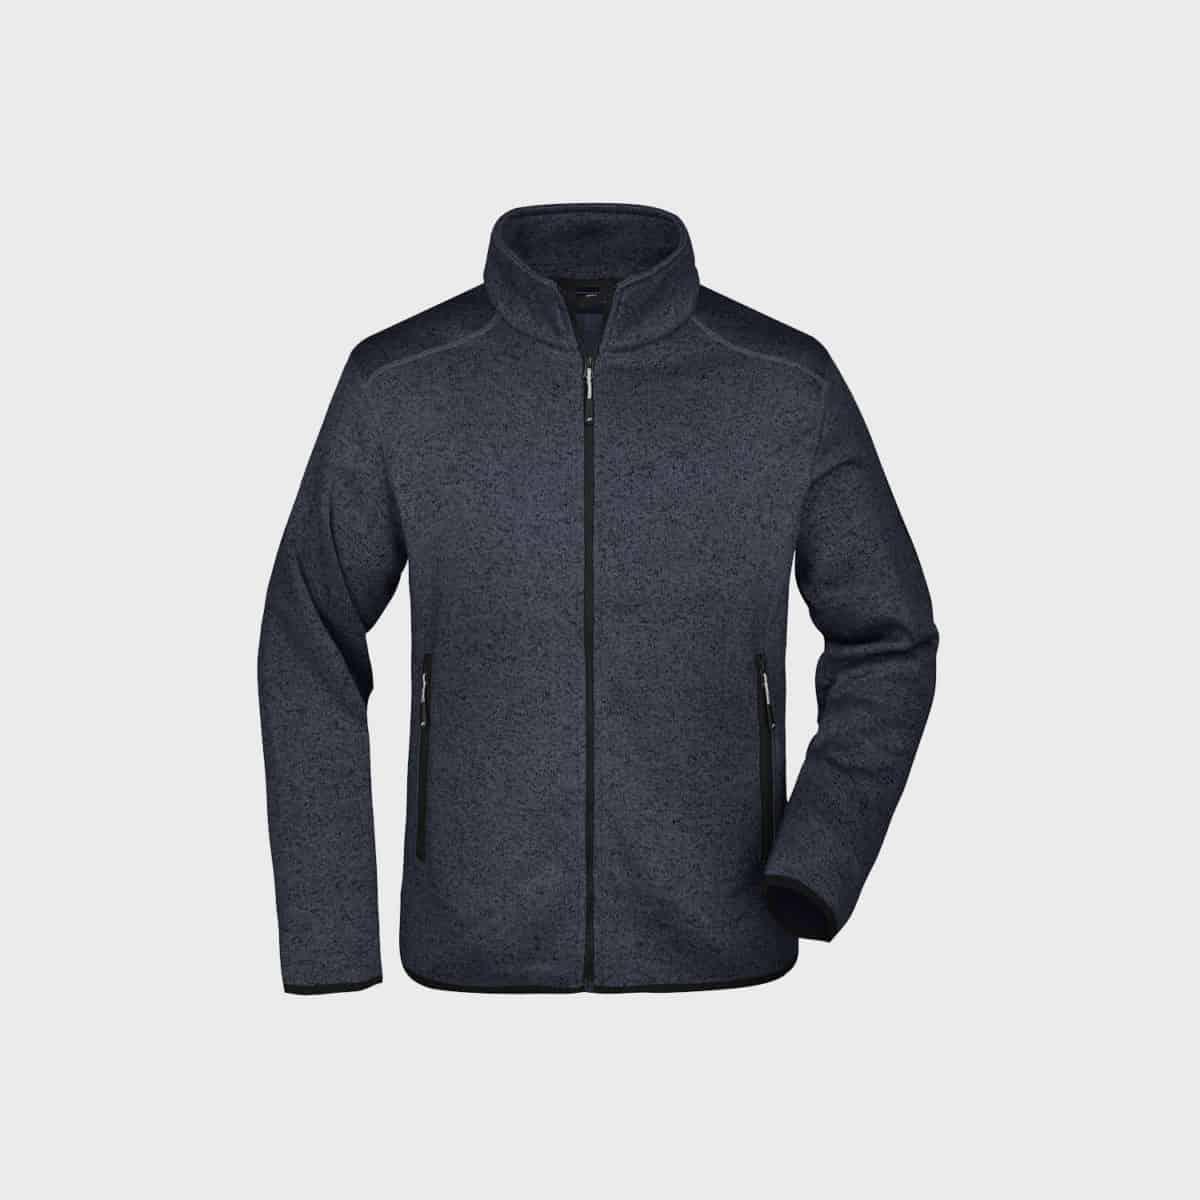 knitted-fleece-jacket-herren-darkgrey-kaufen-besticken_stickmanufaktur